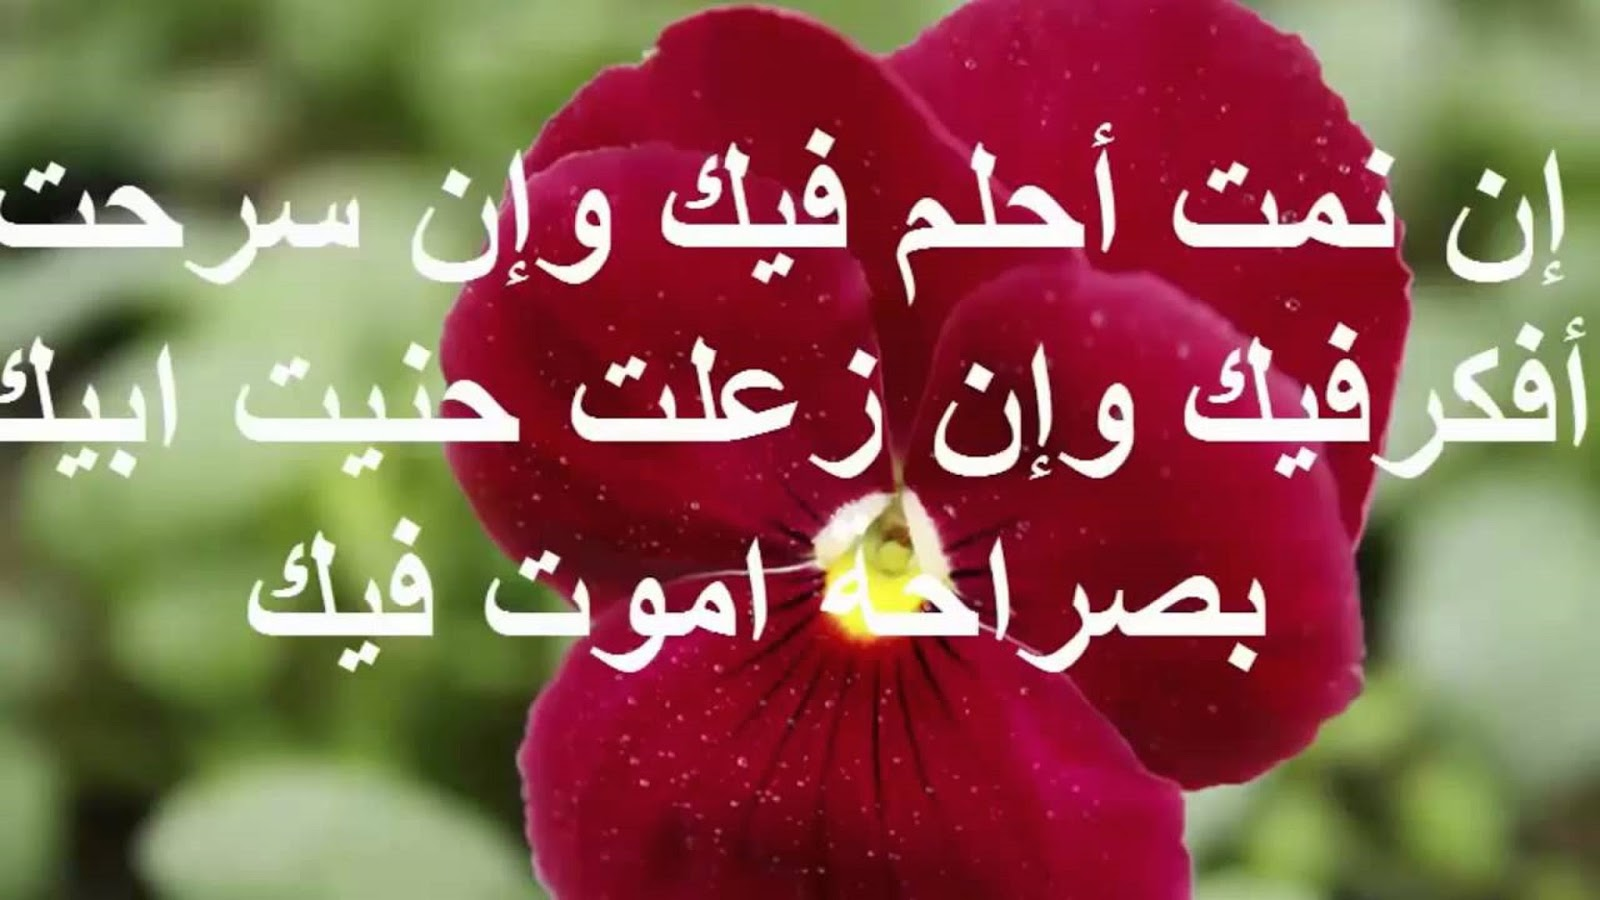 رسائل حب دمها خفيف رسائل حب مصرية باللهجة العامية